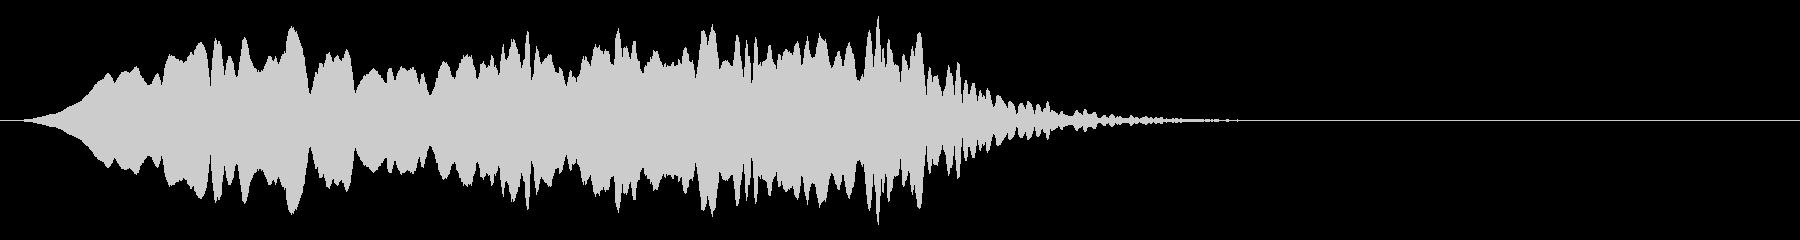 笛 17の未再生の波形